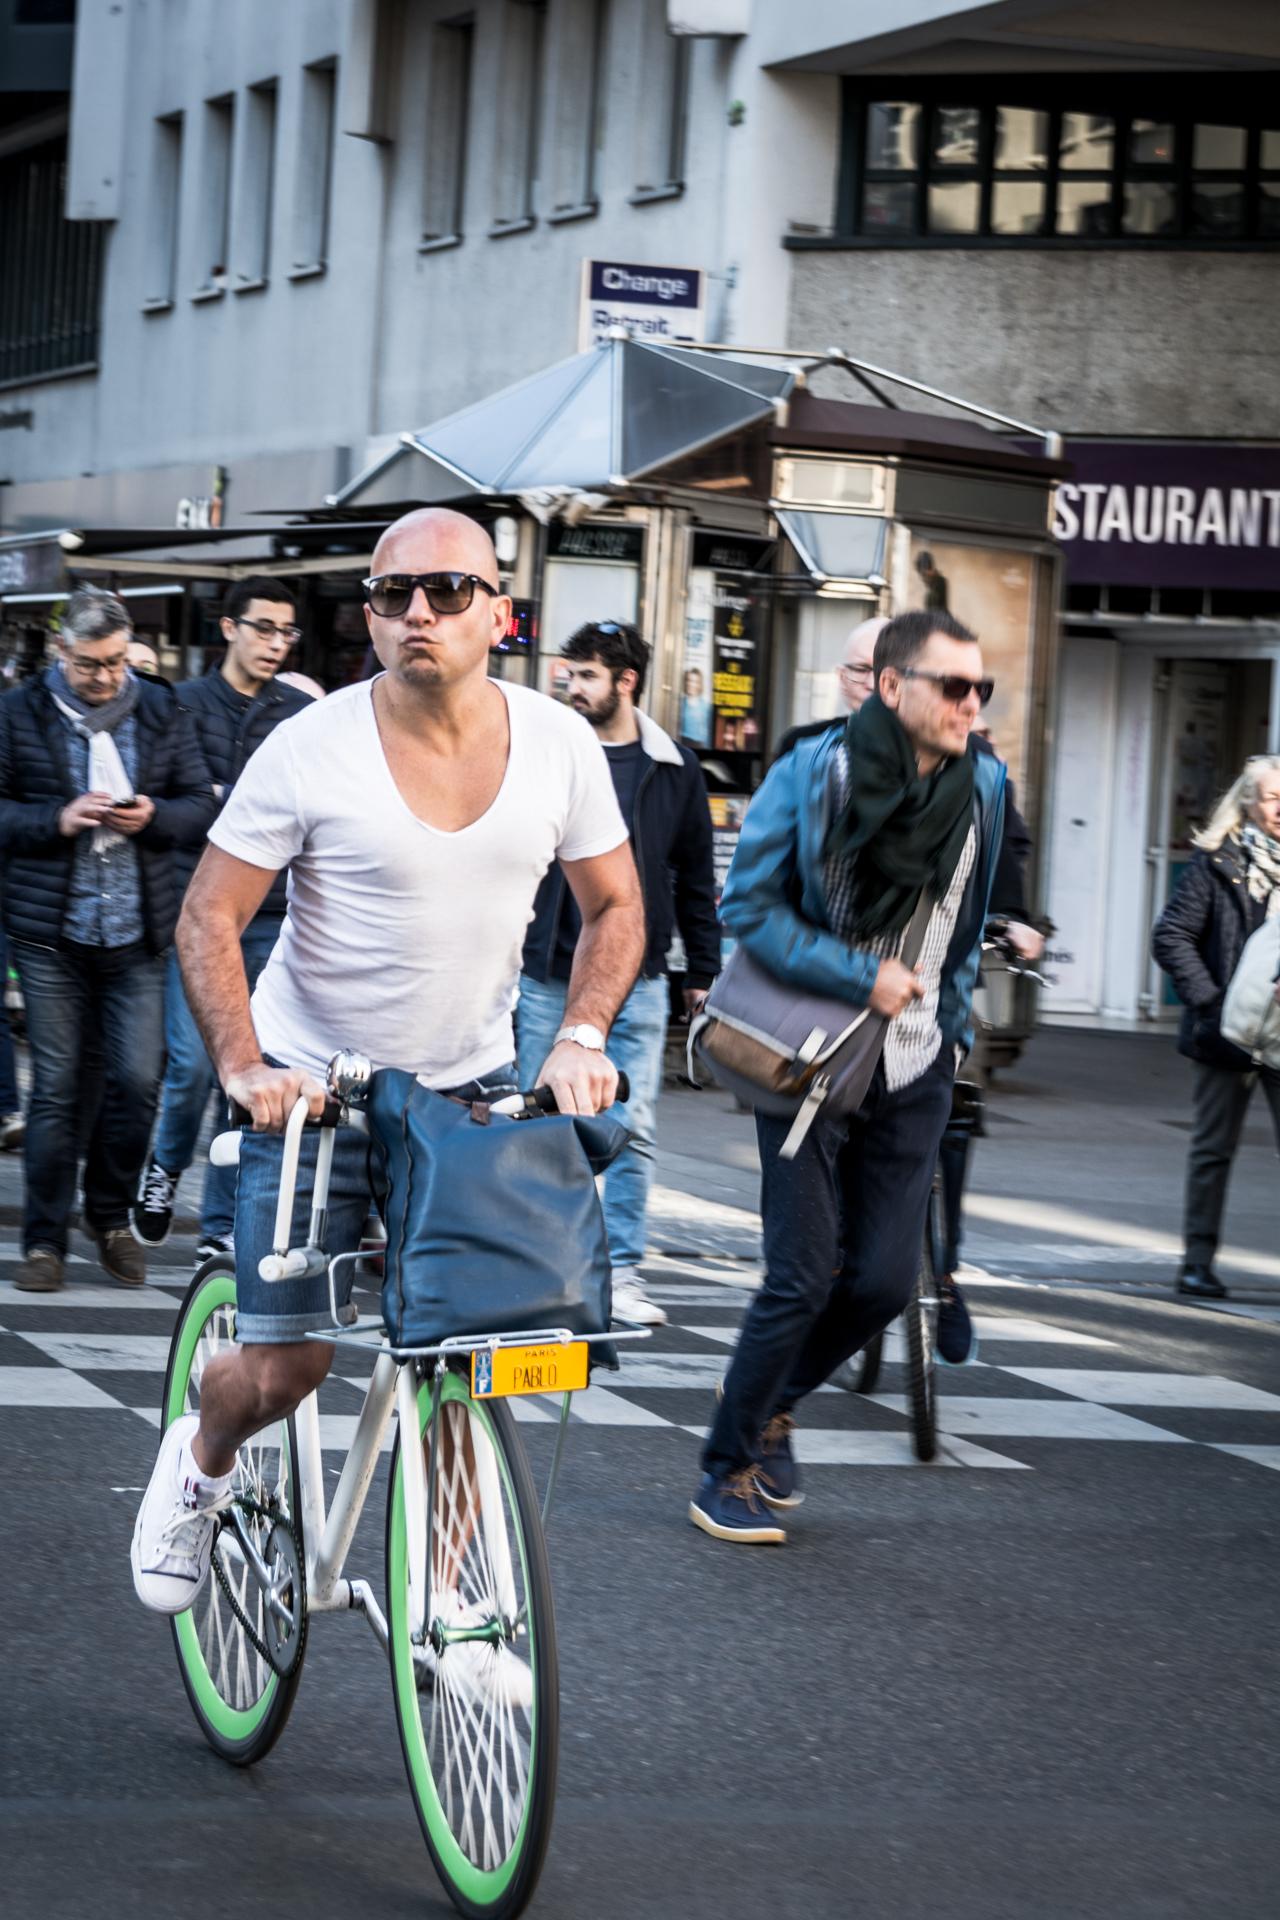 Street Photography - Le Baiser